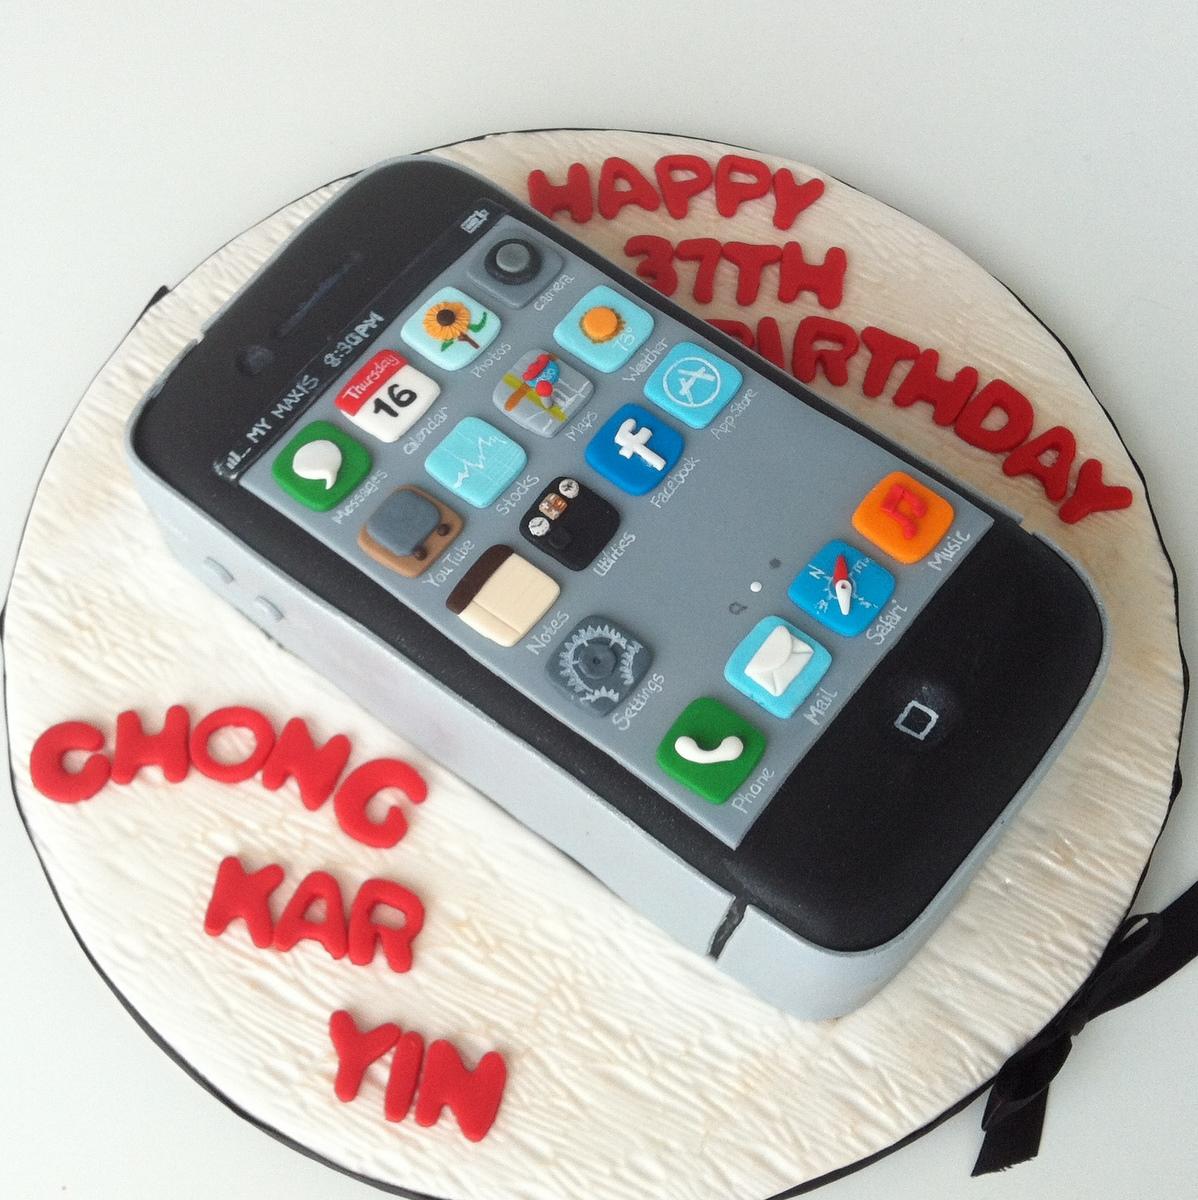 TeaRoom by Bel Jee iPhone Cake